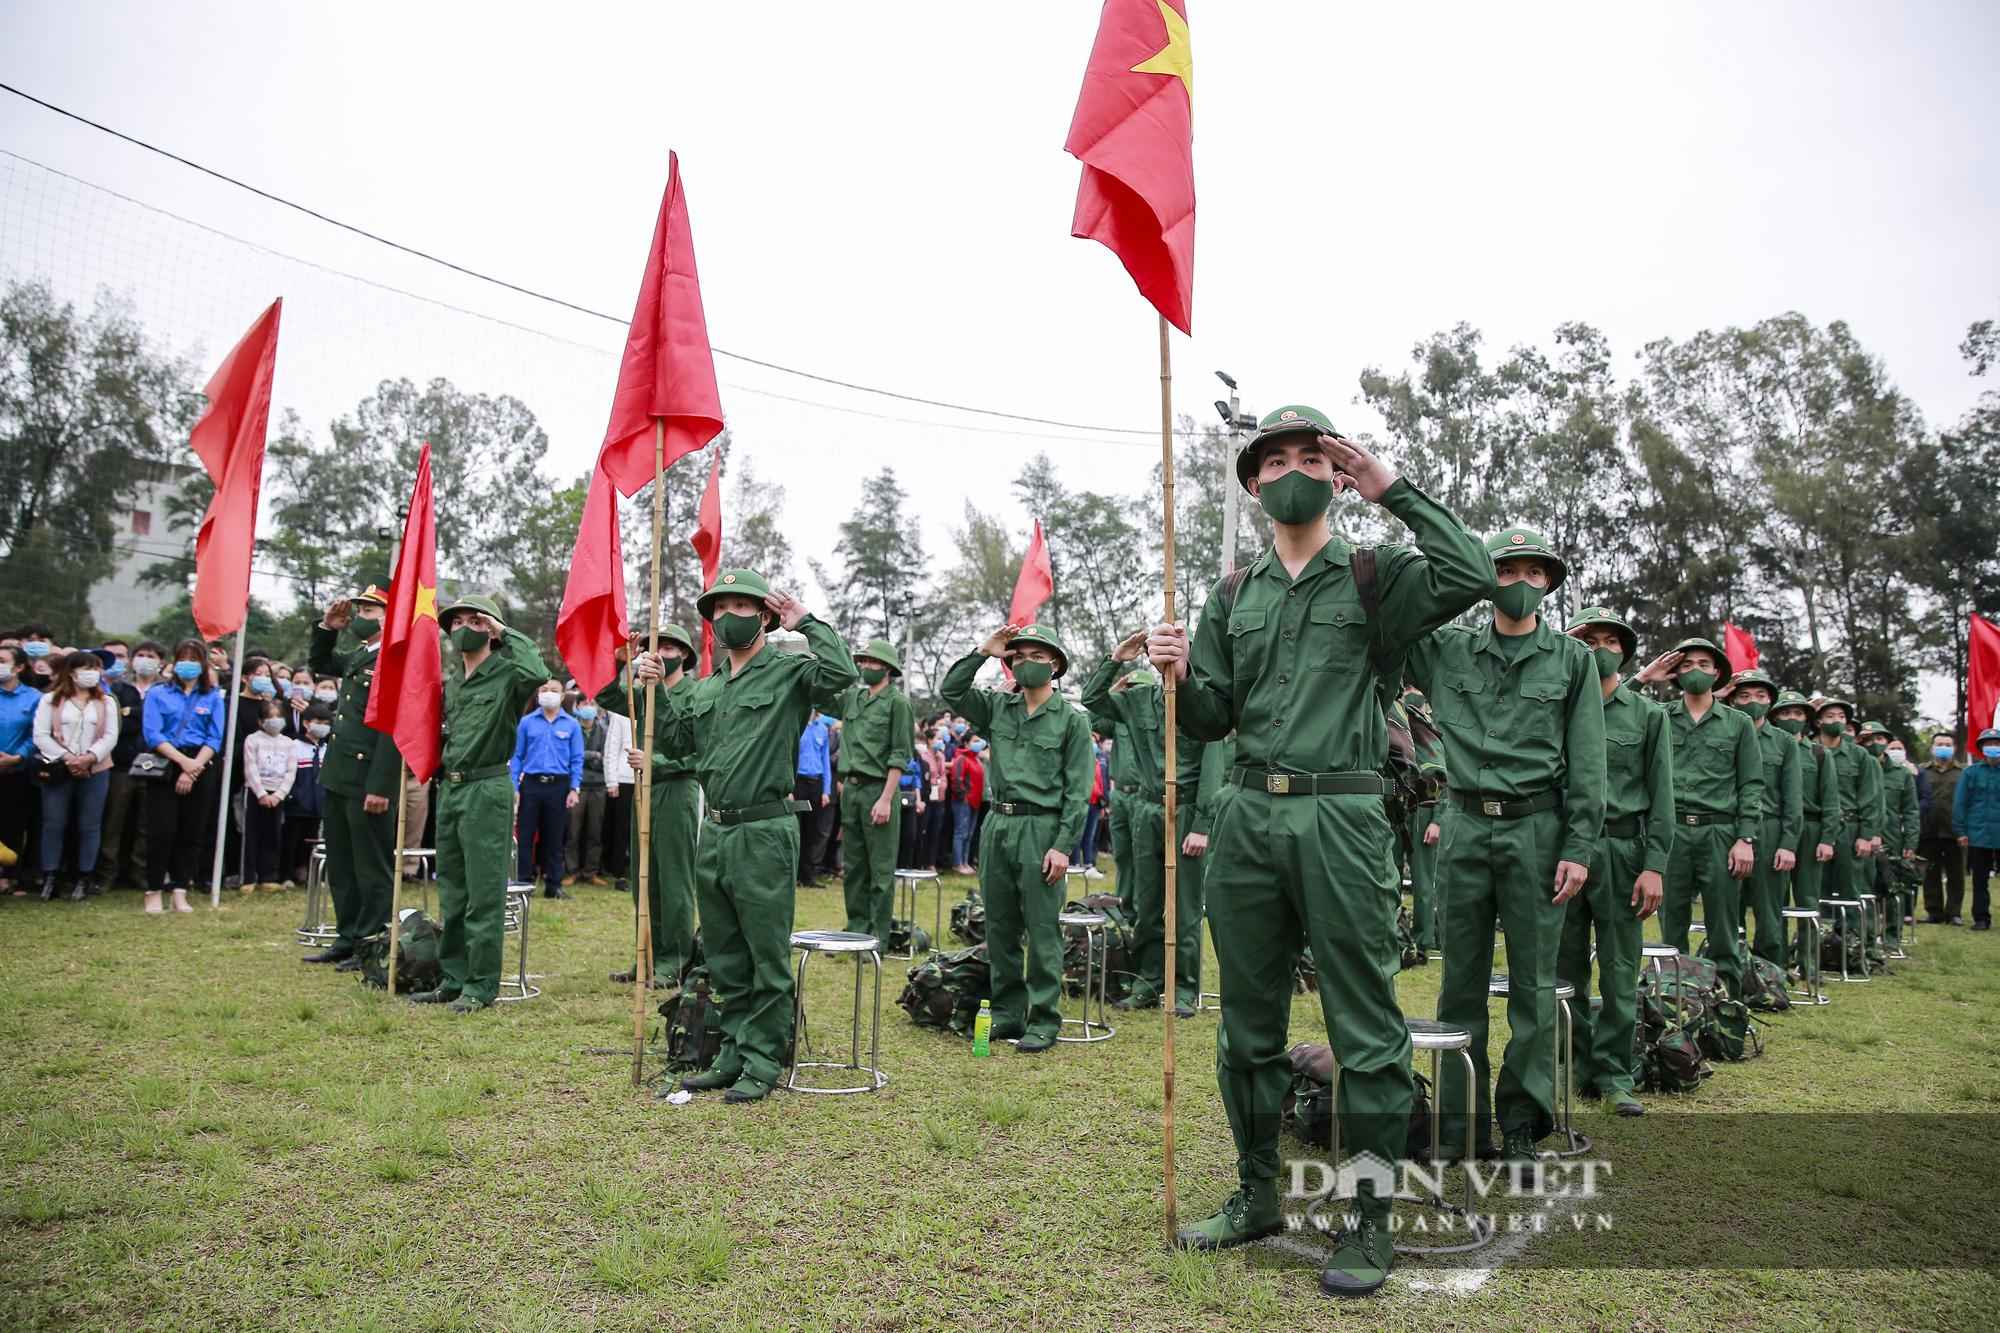 Khoảnh khắc xúc động ngày thanh niên Hà Nội lên đường thực hiện nghĩa vụ quân sự - Ảnh 1.